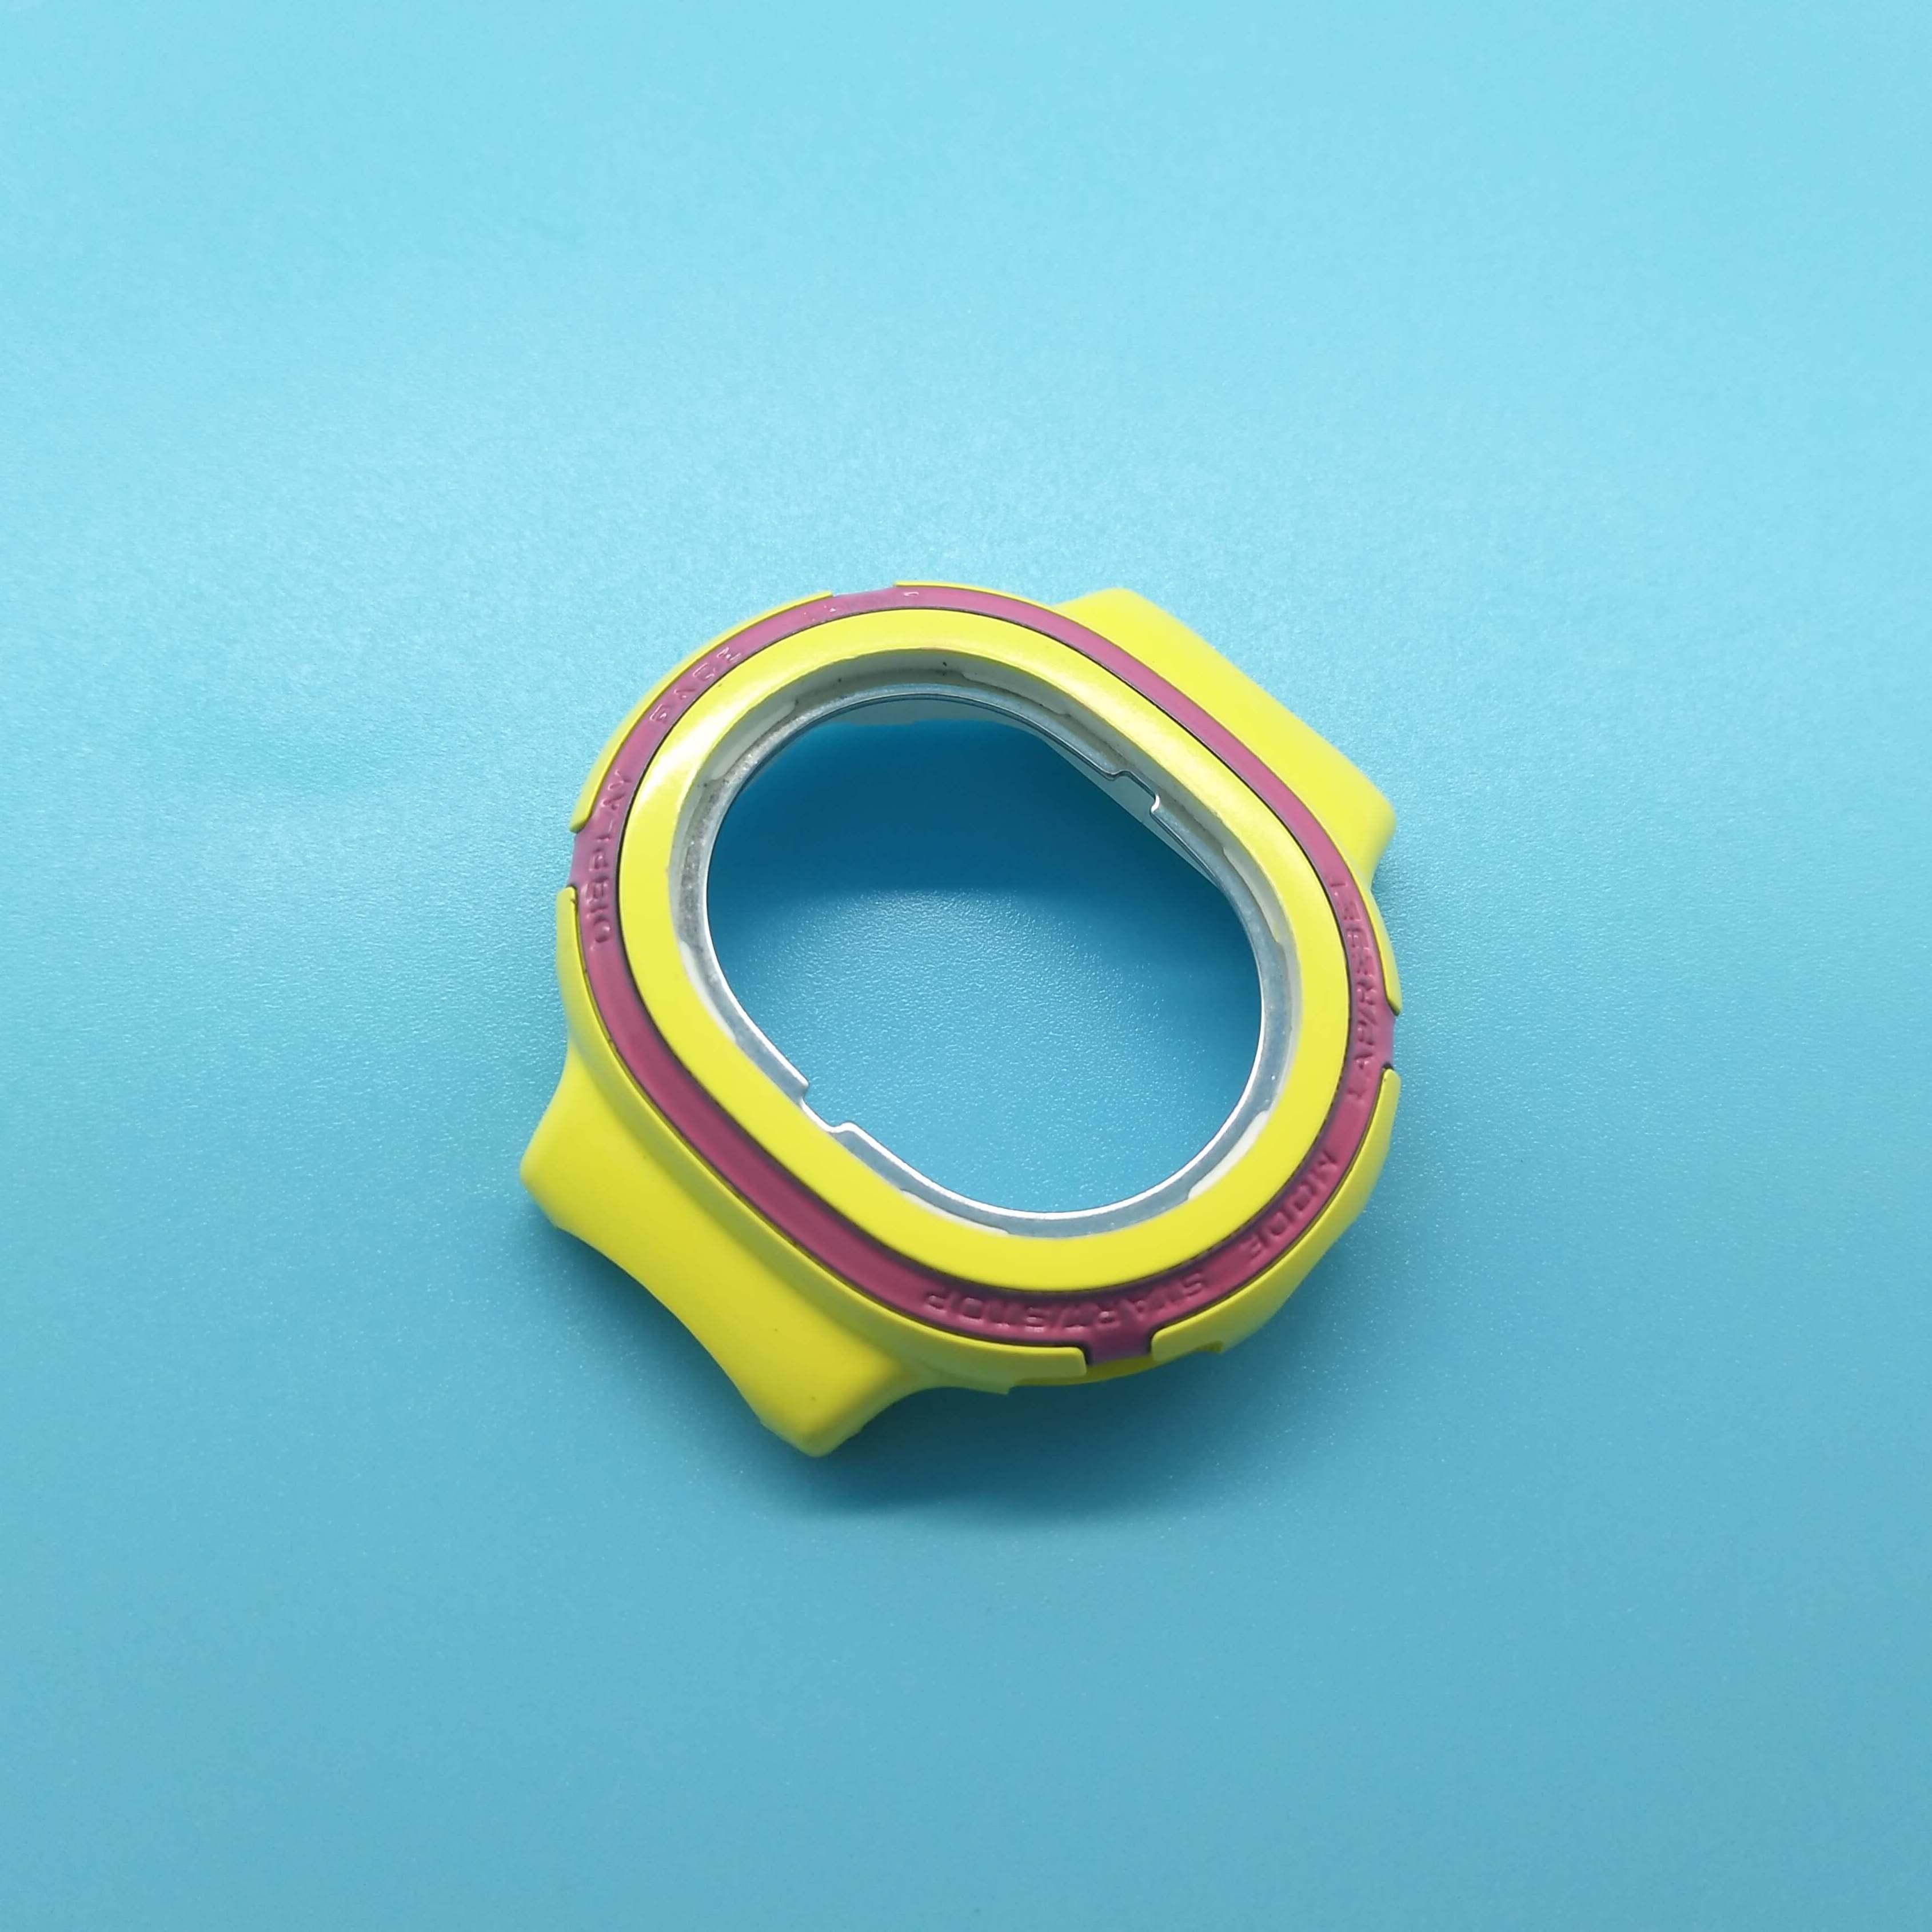 東莞優質塑膠手表外殼廠家批發